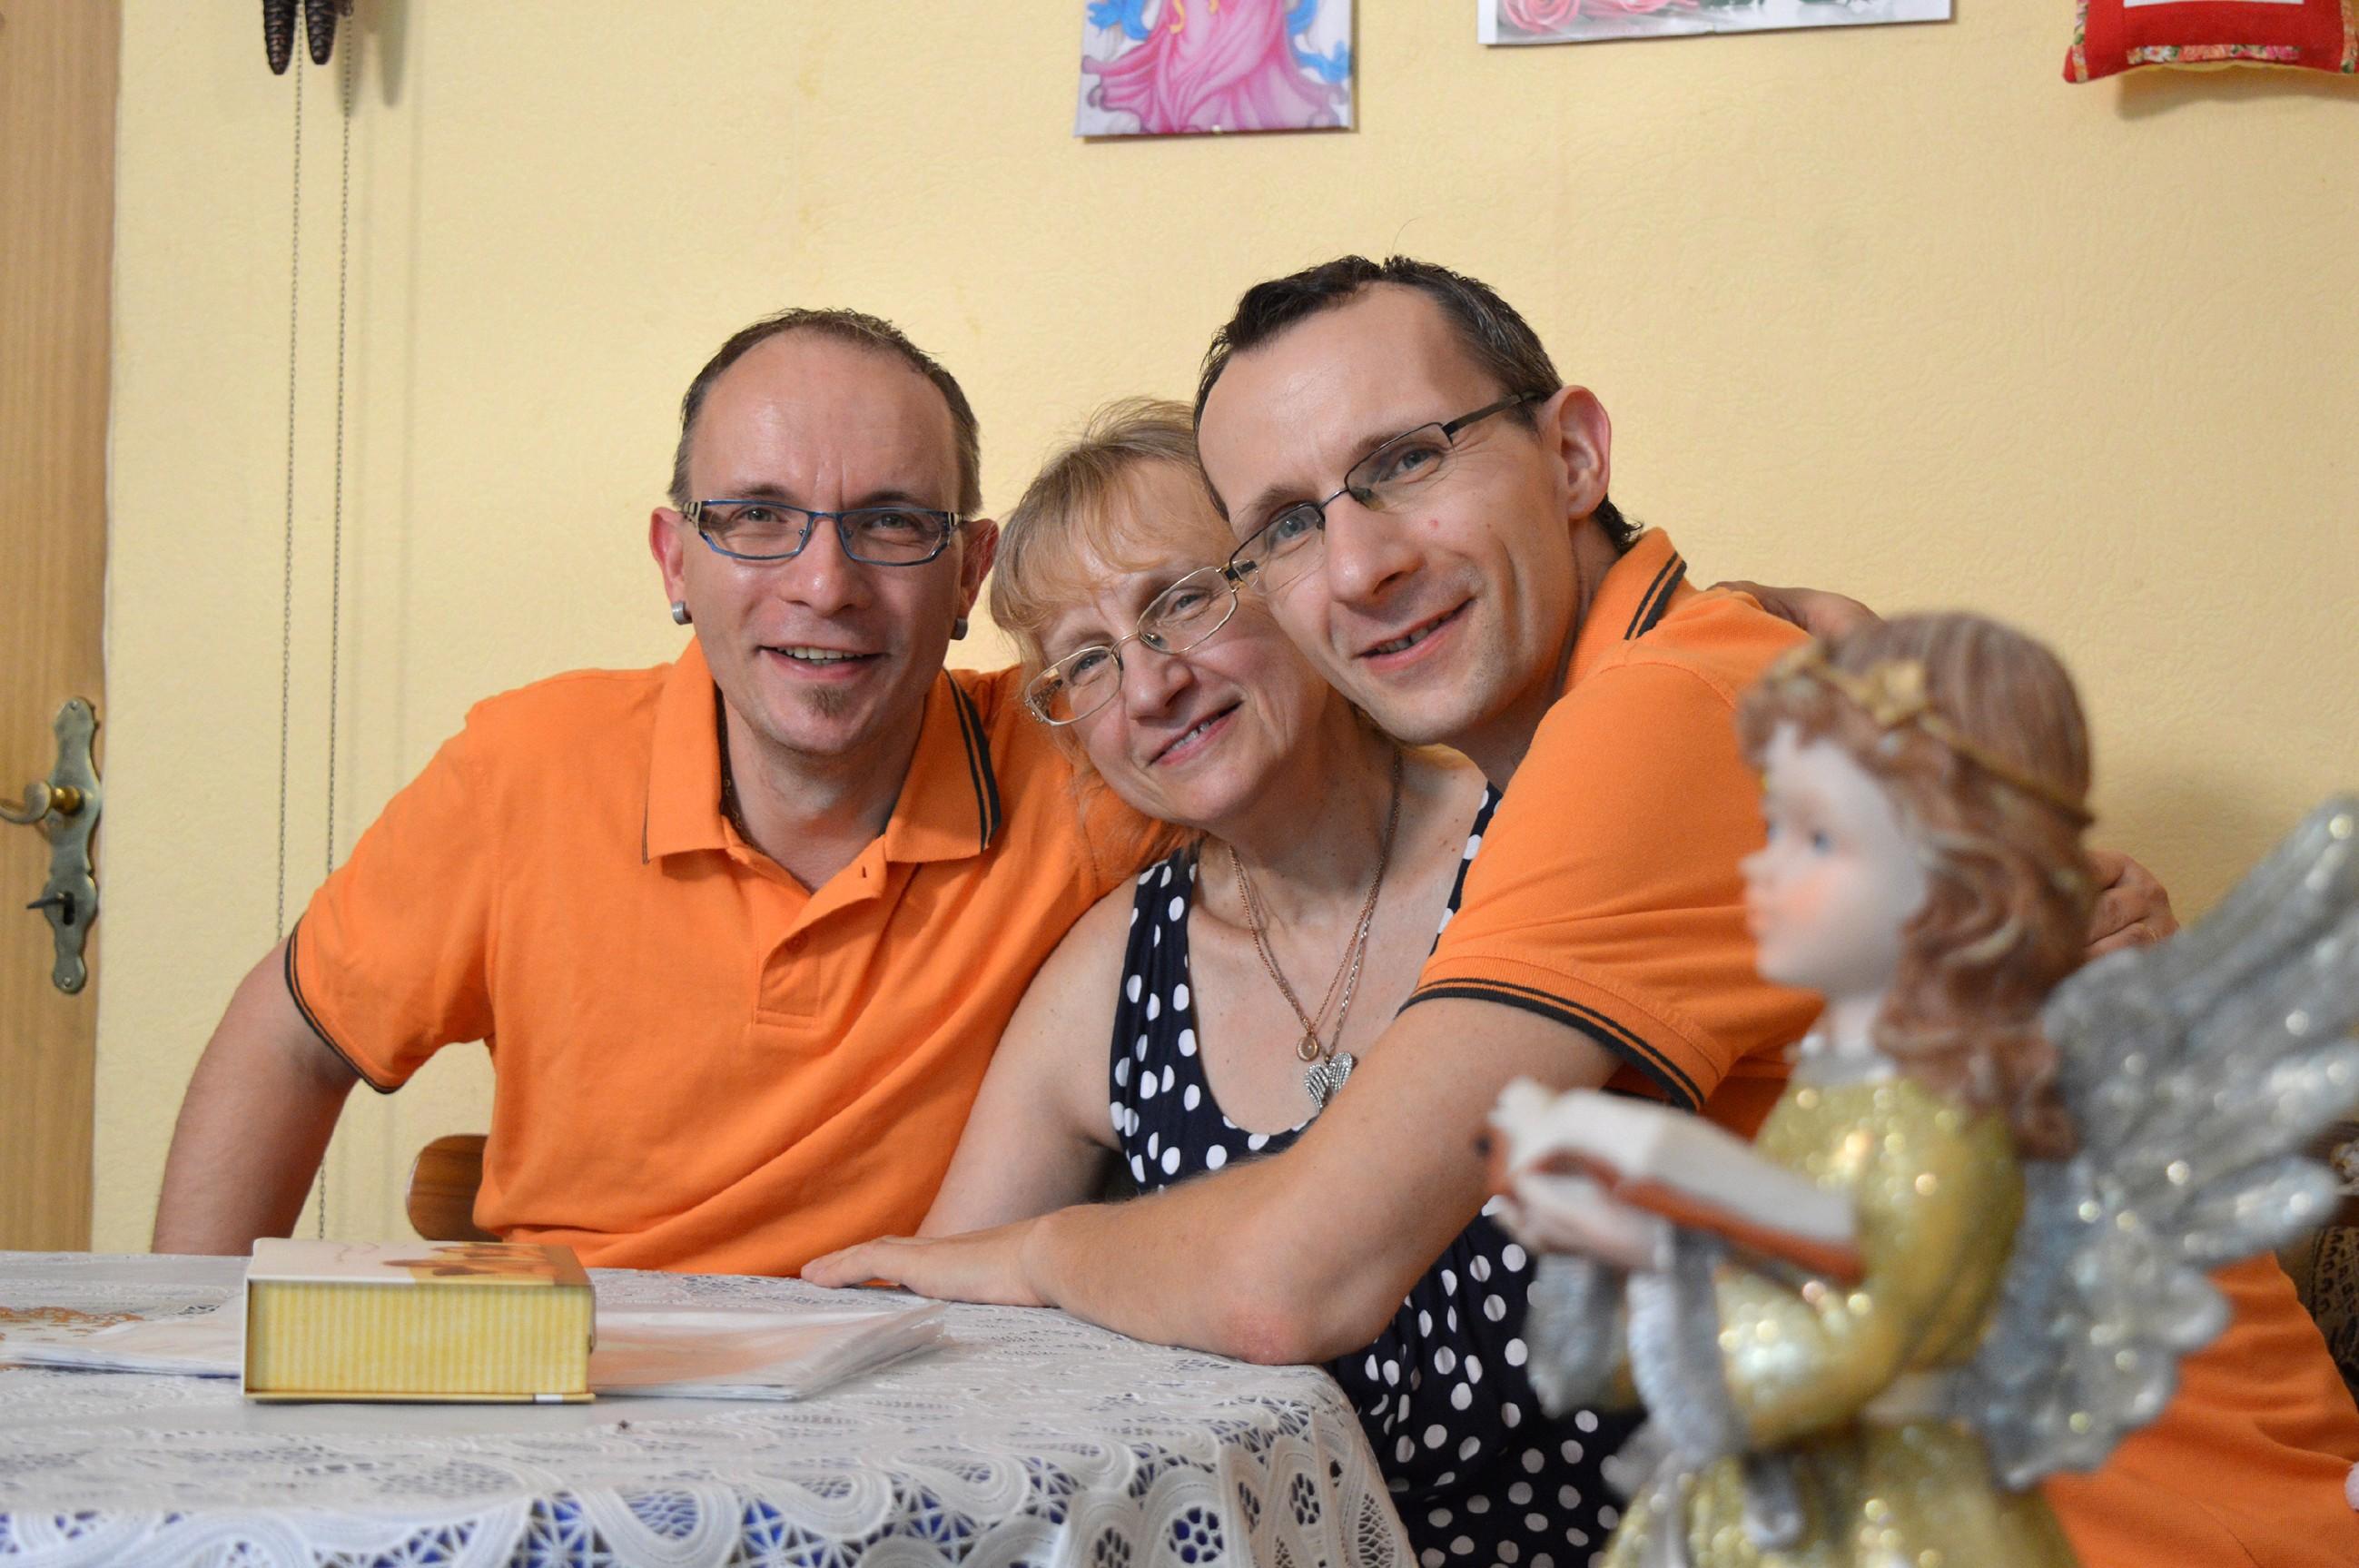 Schwiegertochter gesucht - Lutz, Stups und Ingo